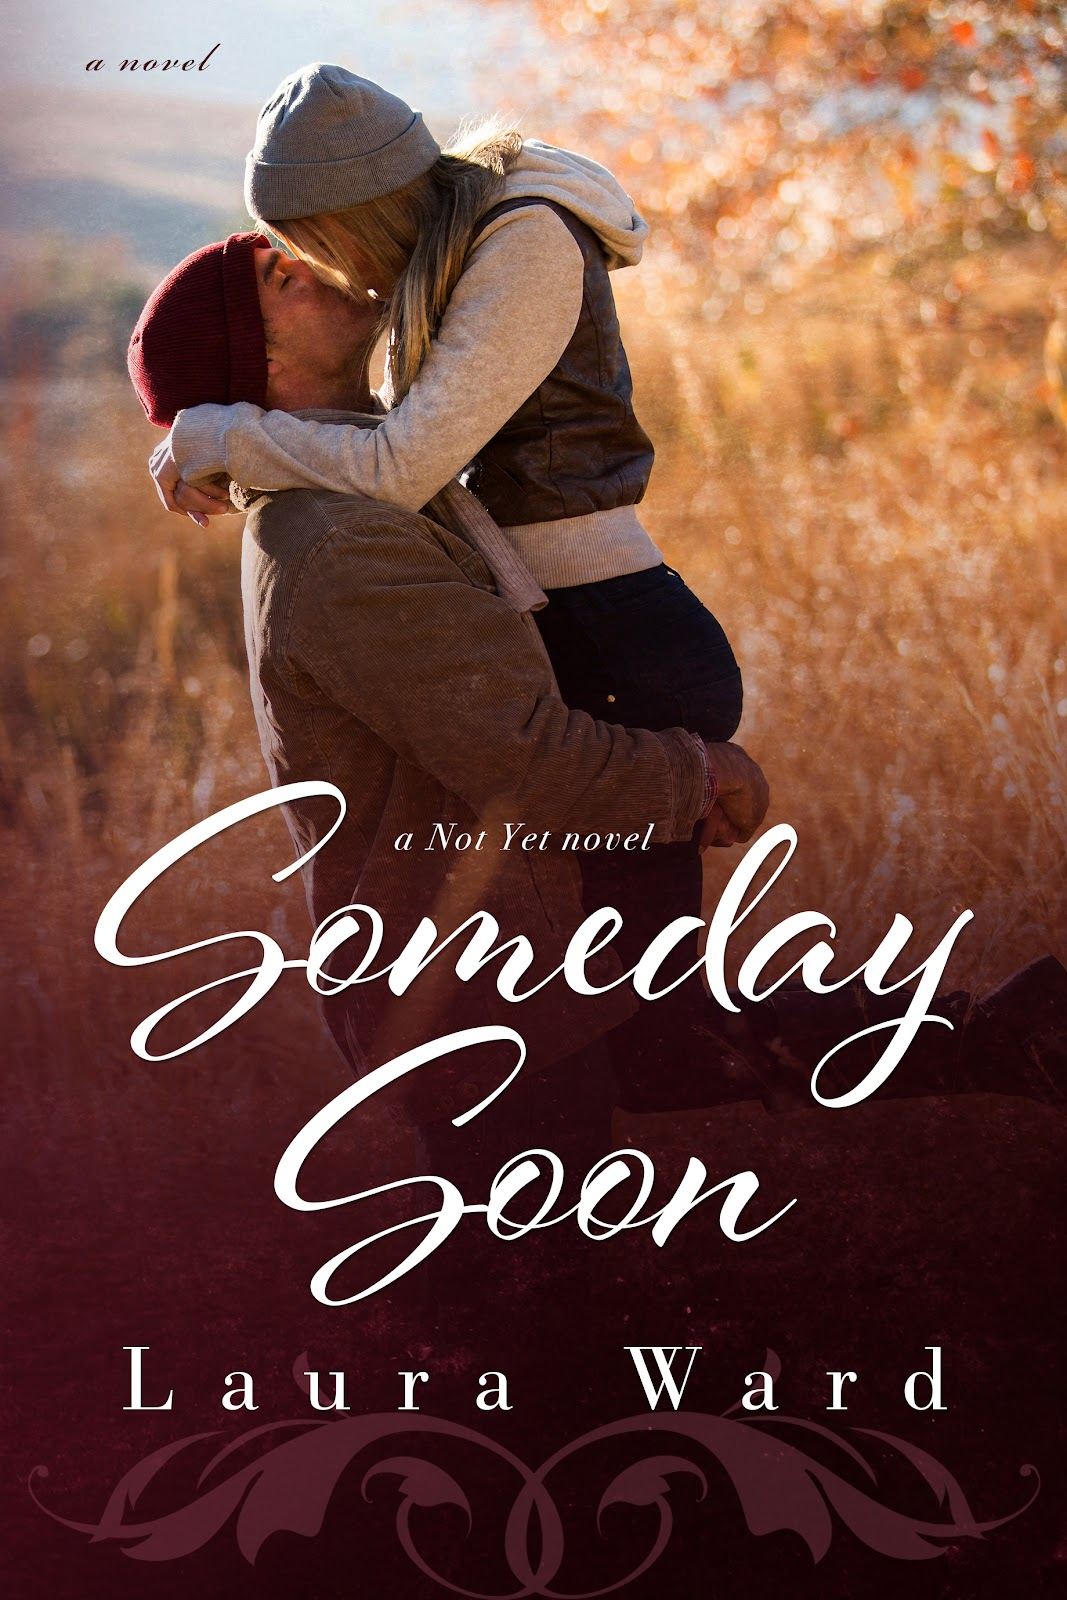 SomedaySoon_Amazon_iBooks.jpg